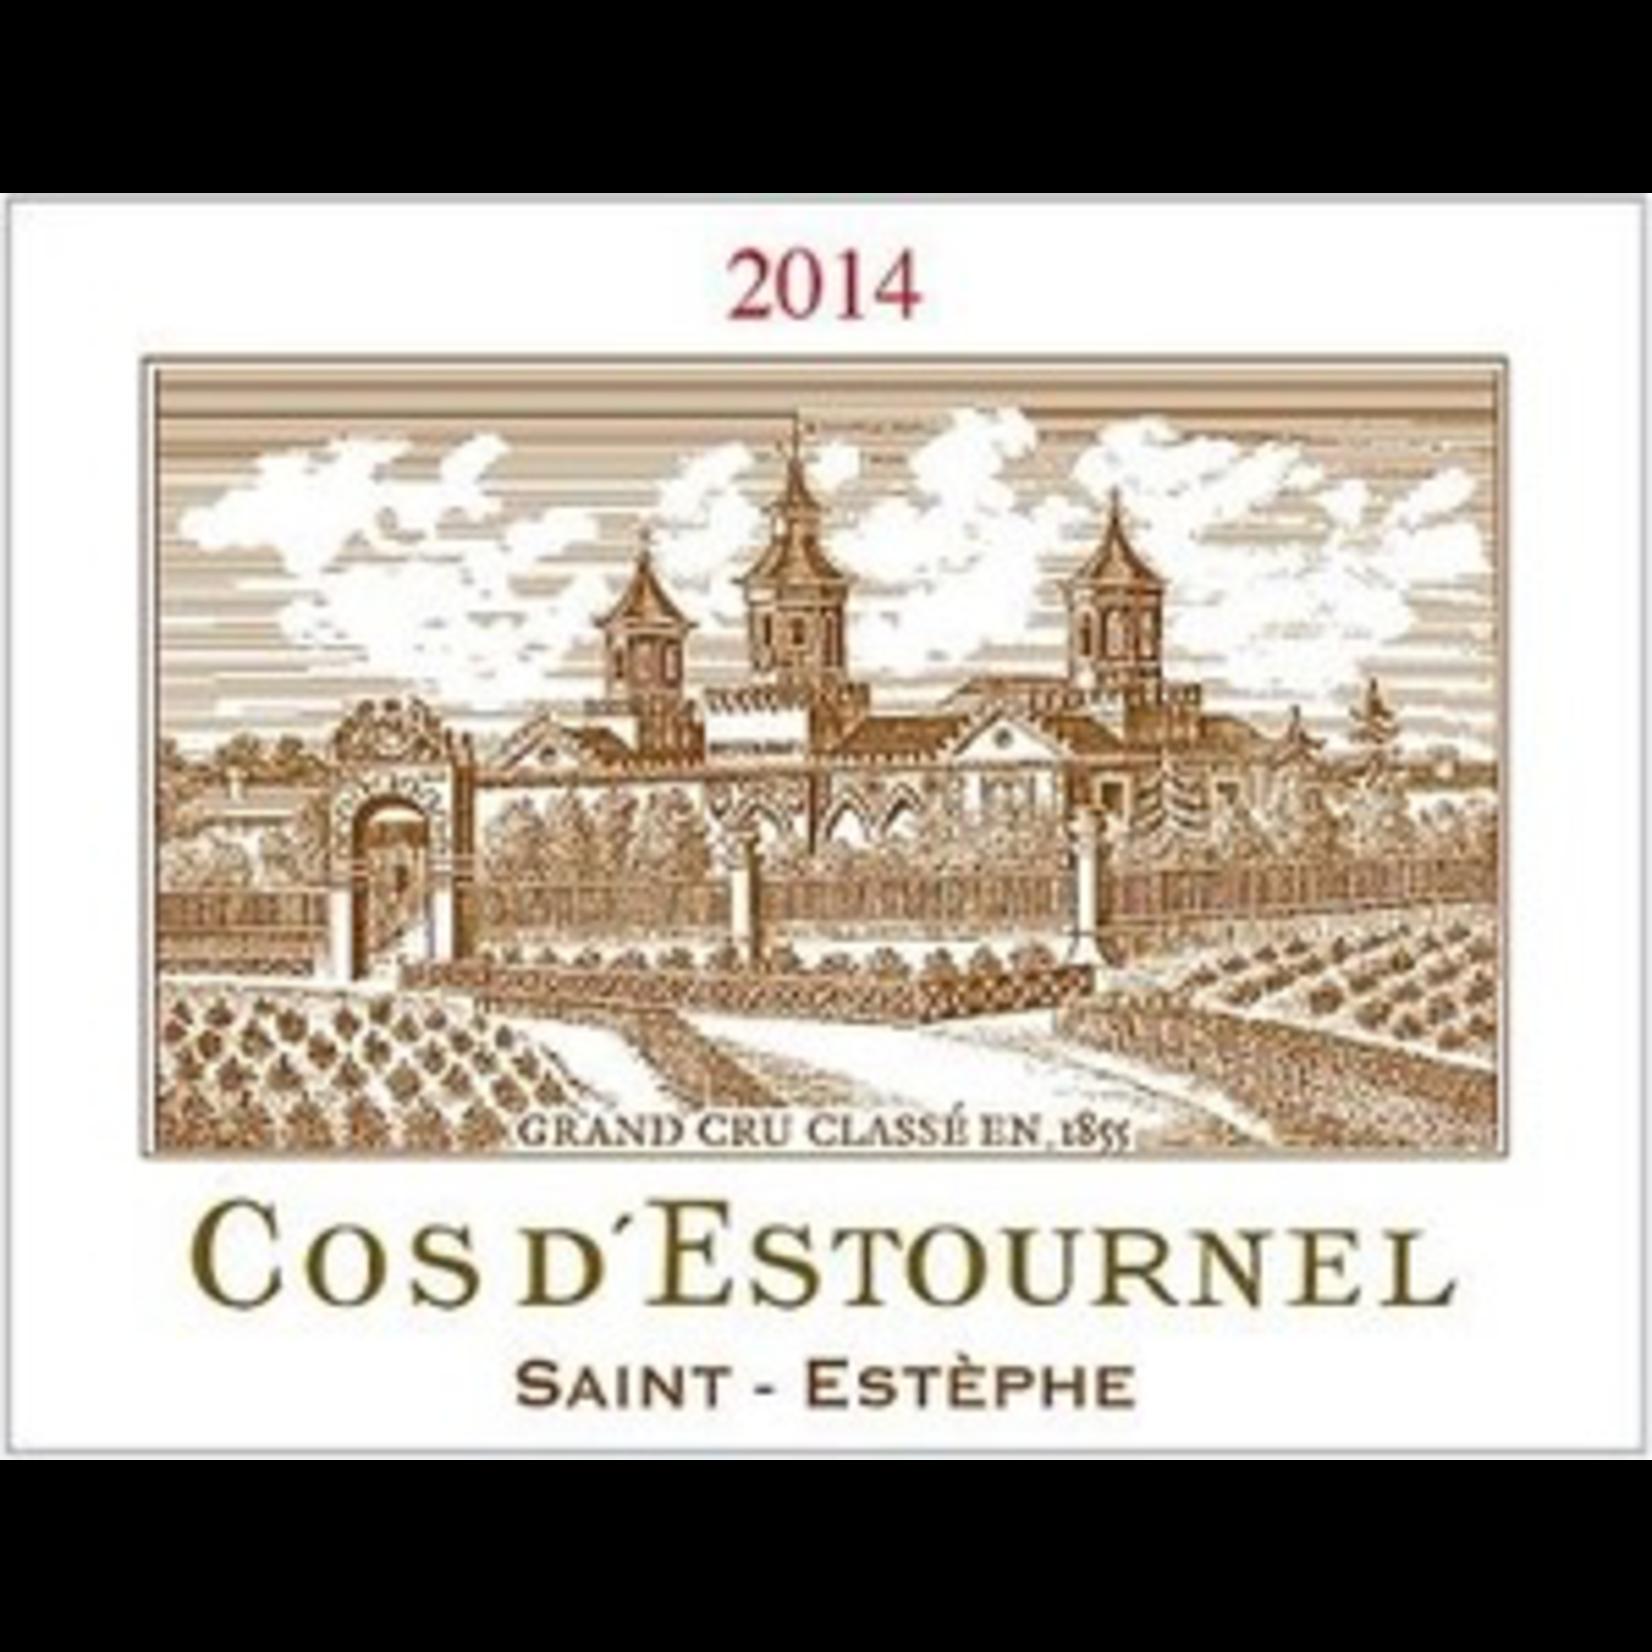 Wine Cos d'Estournel 2014